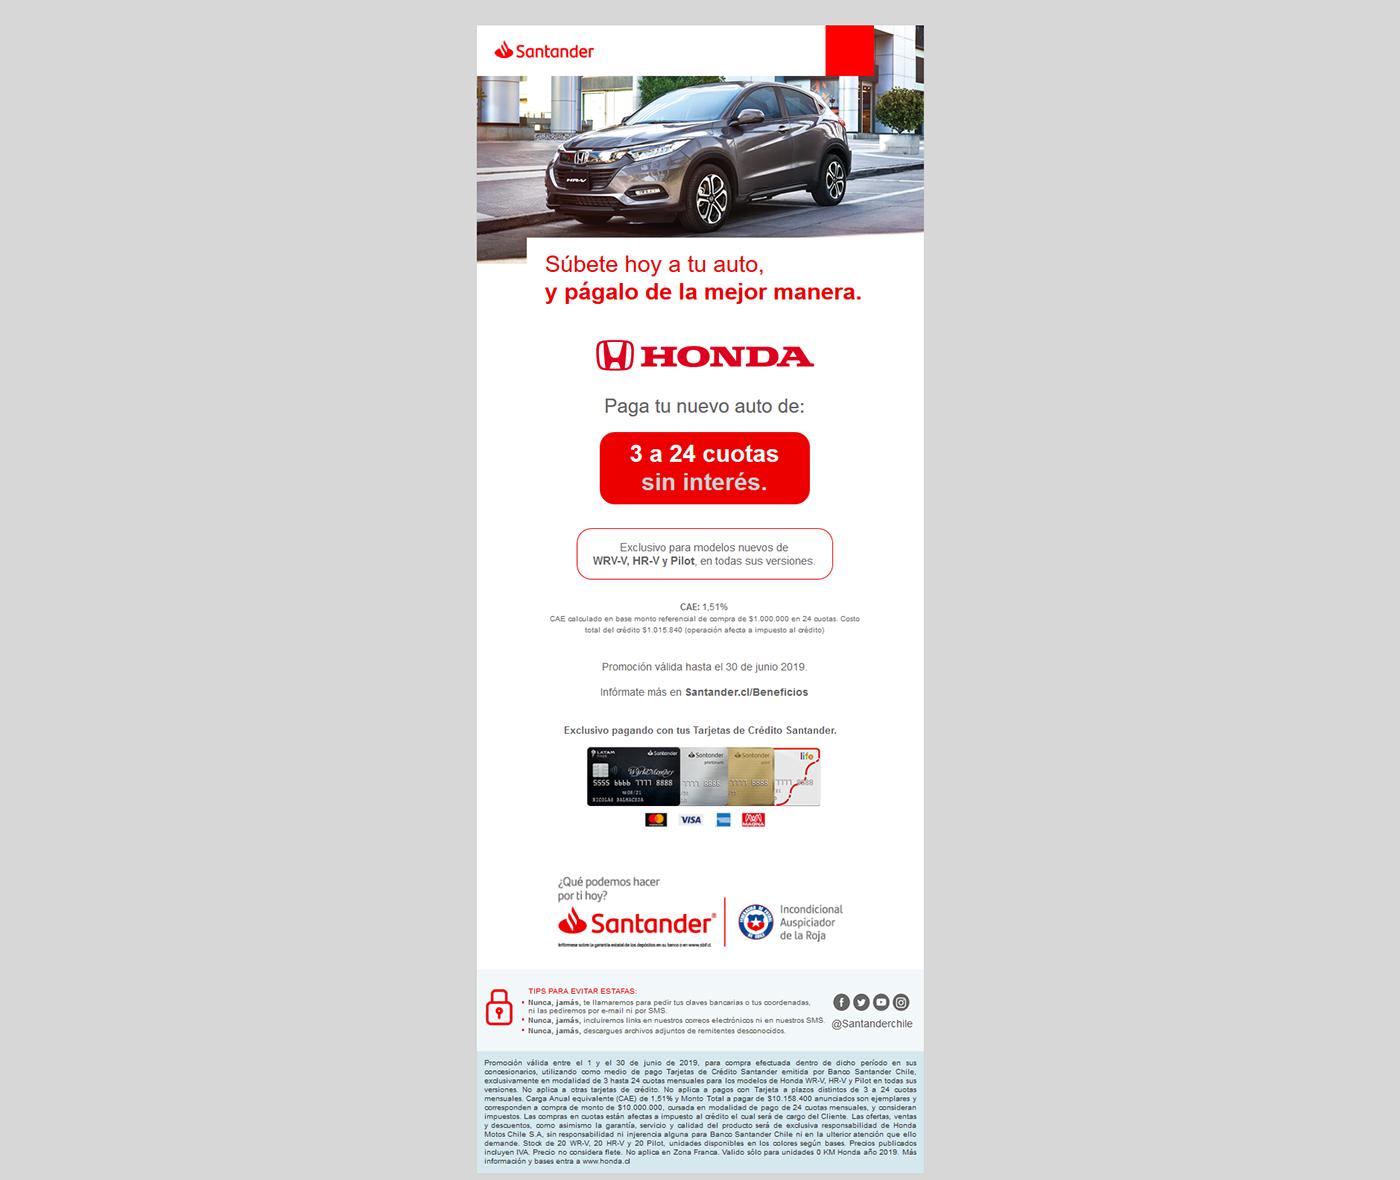 Image may contain: abstract, screenshot and land vehicle